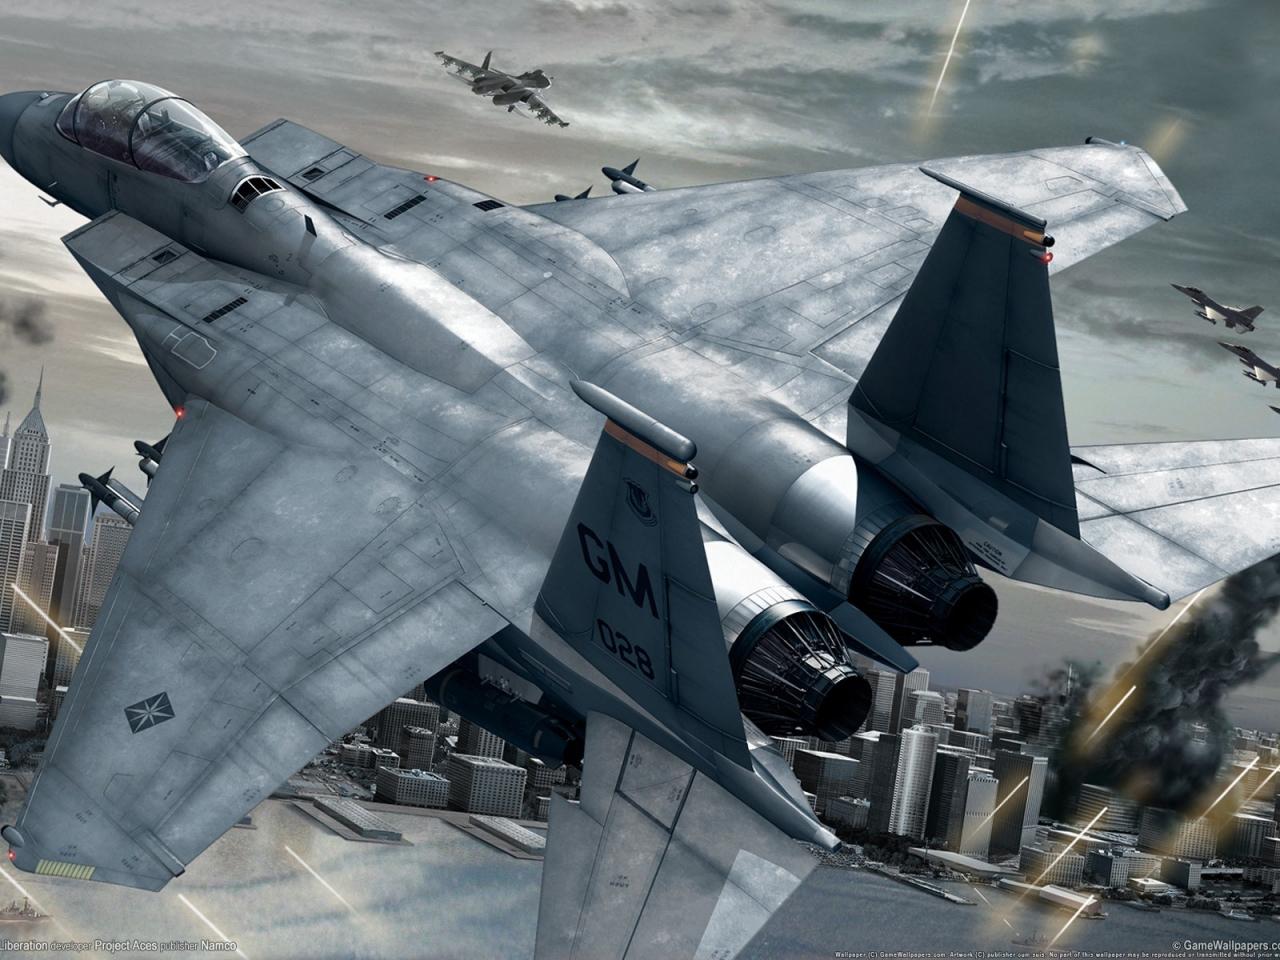 Aviones y videojuegos - 1280x960